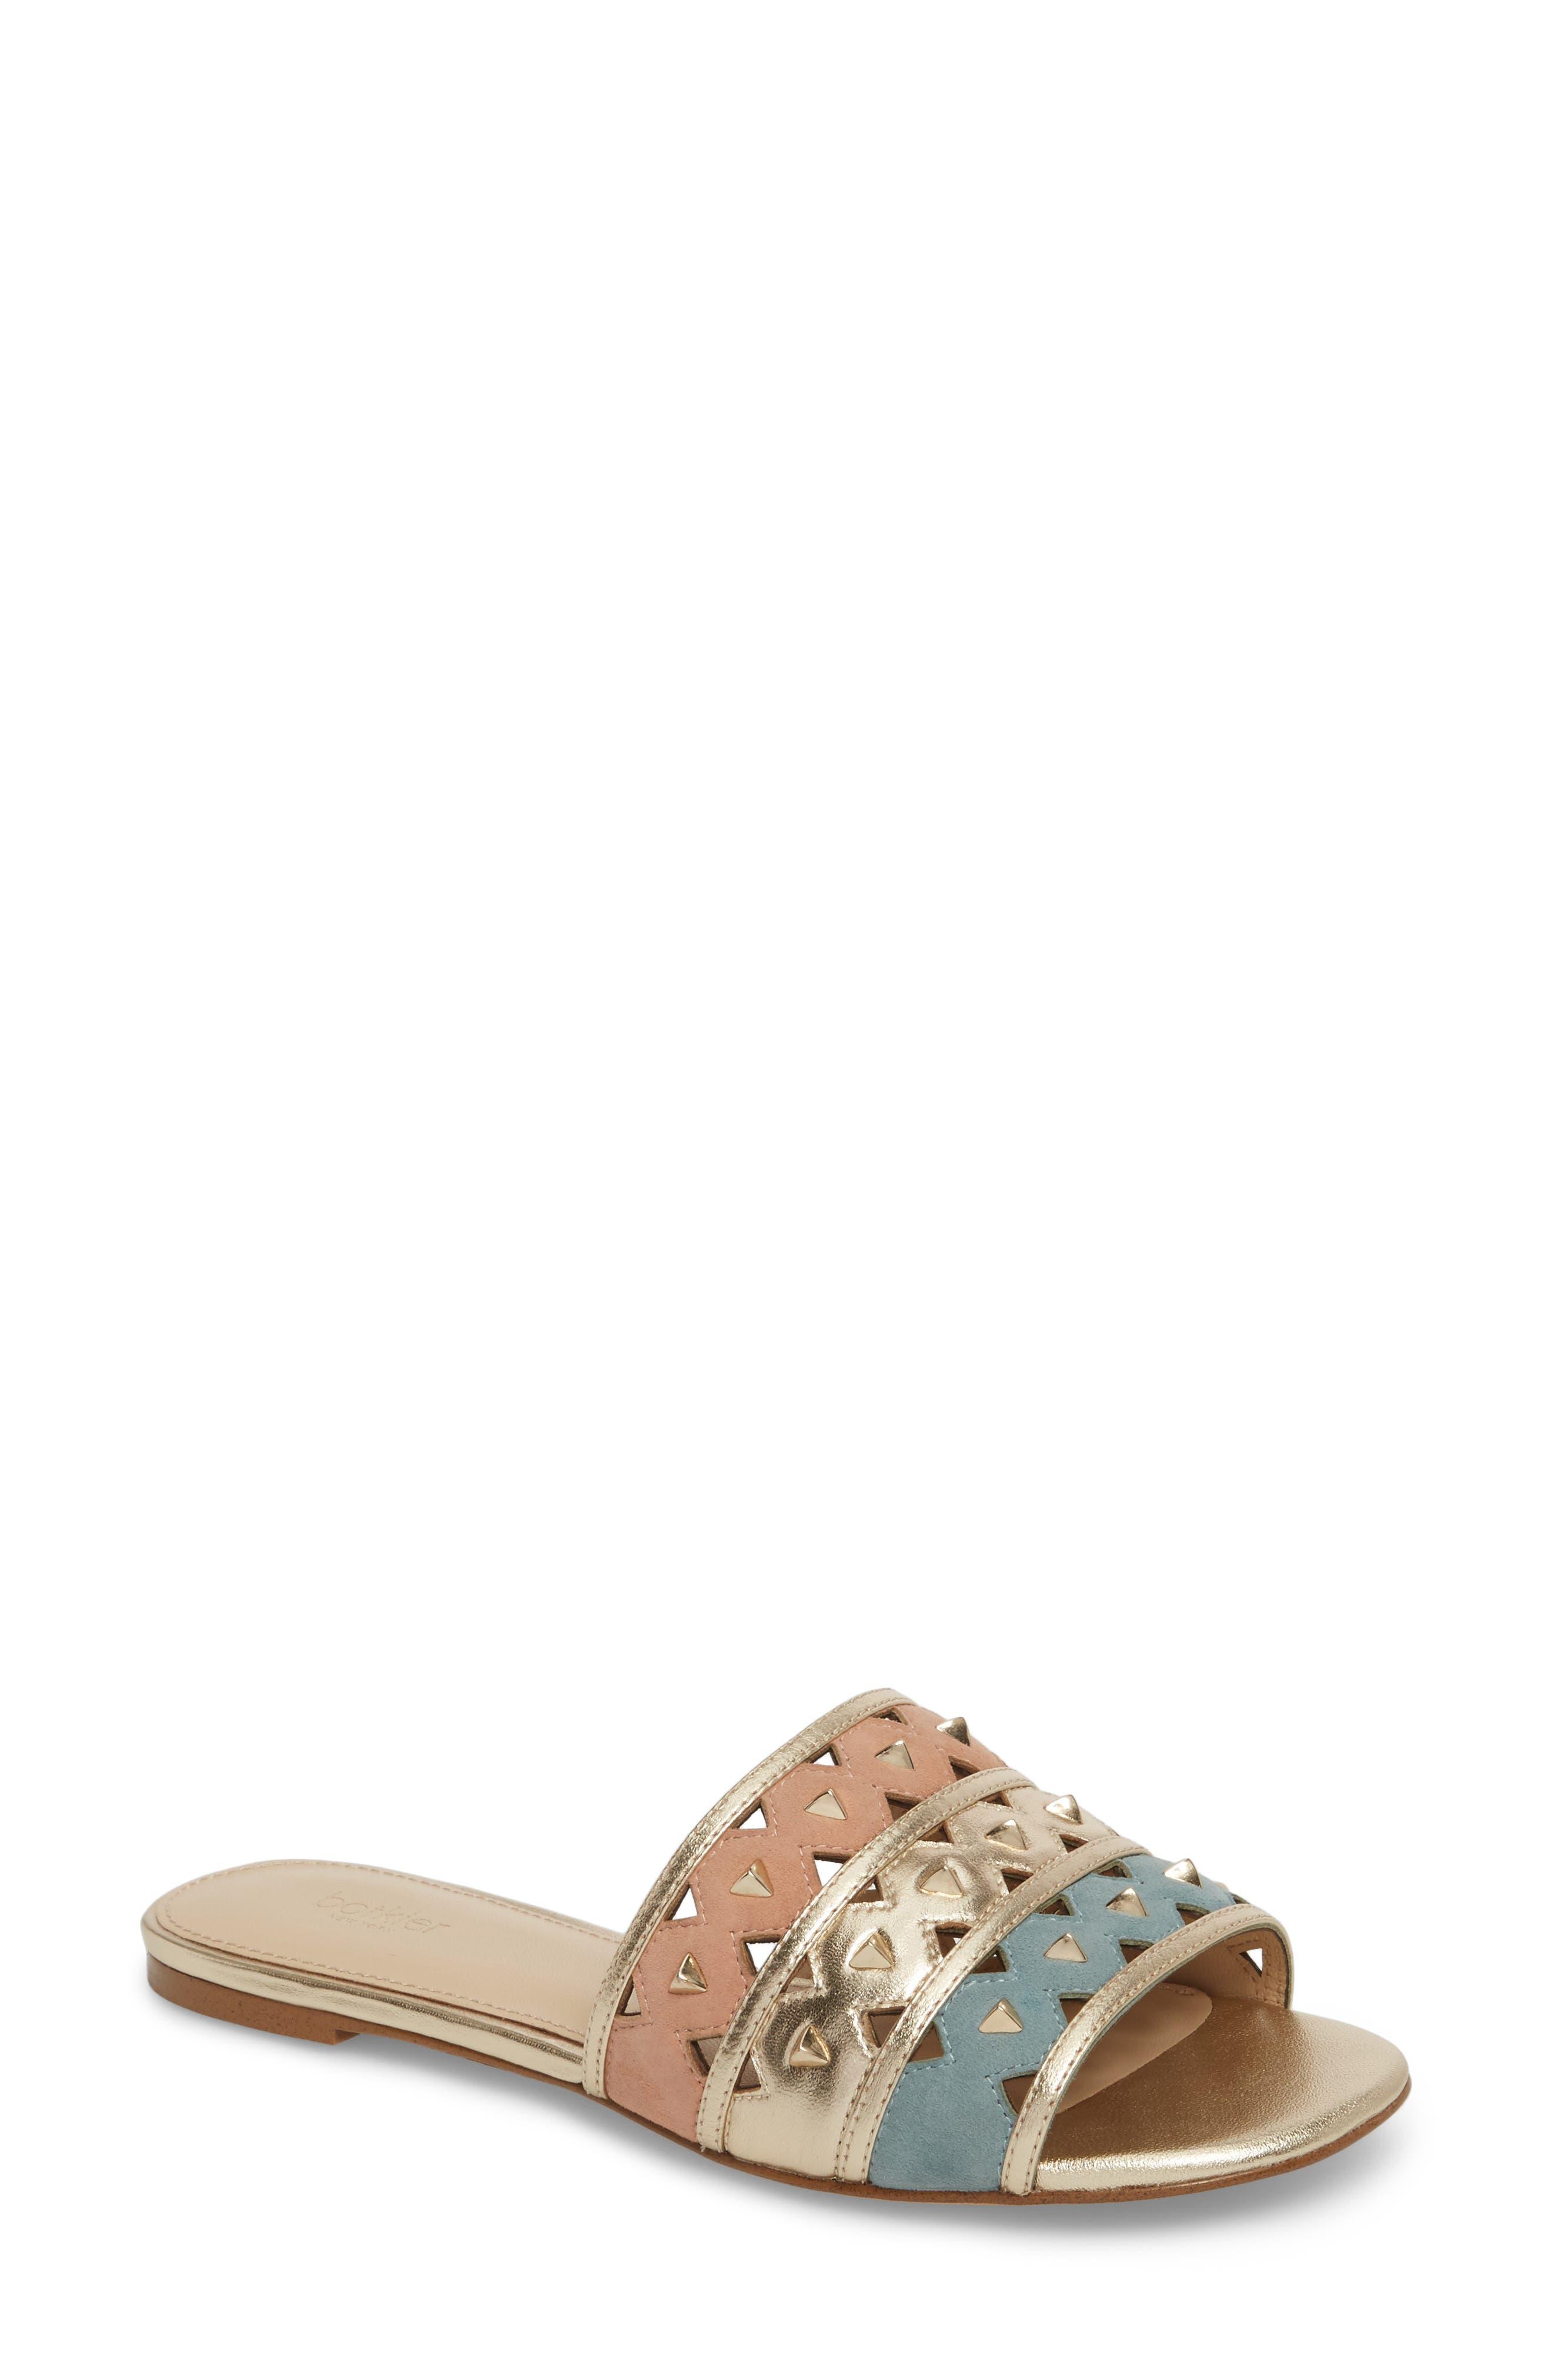 Image of Botkier Maeva Slide Sandal